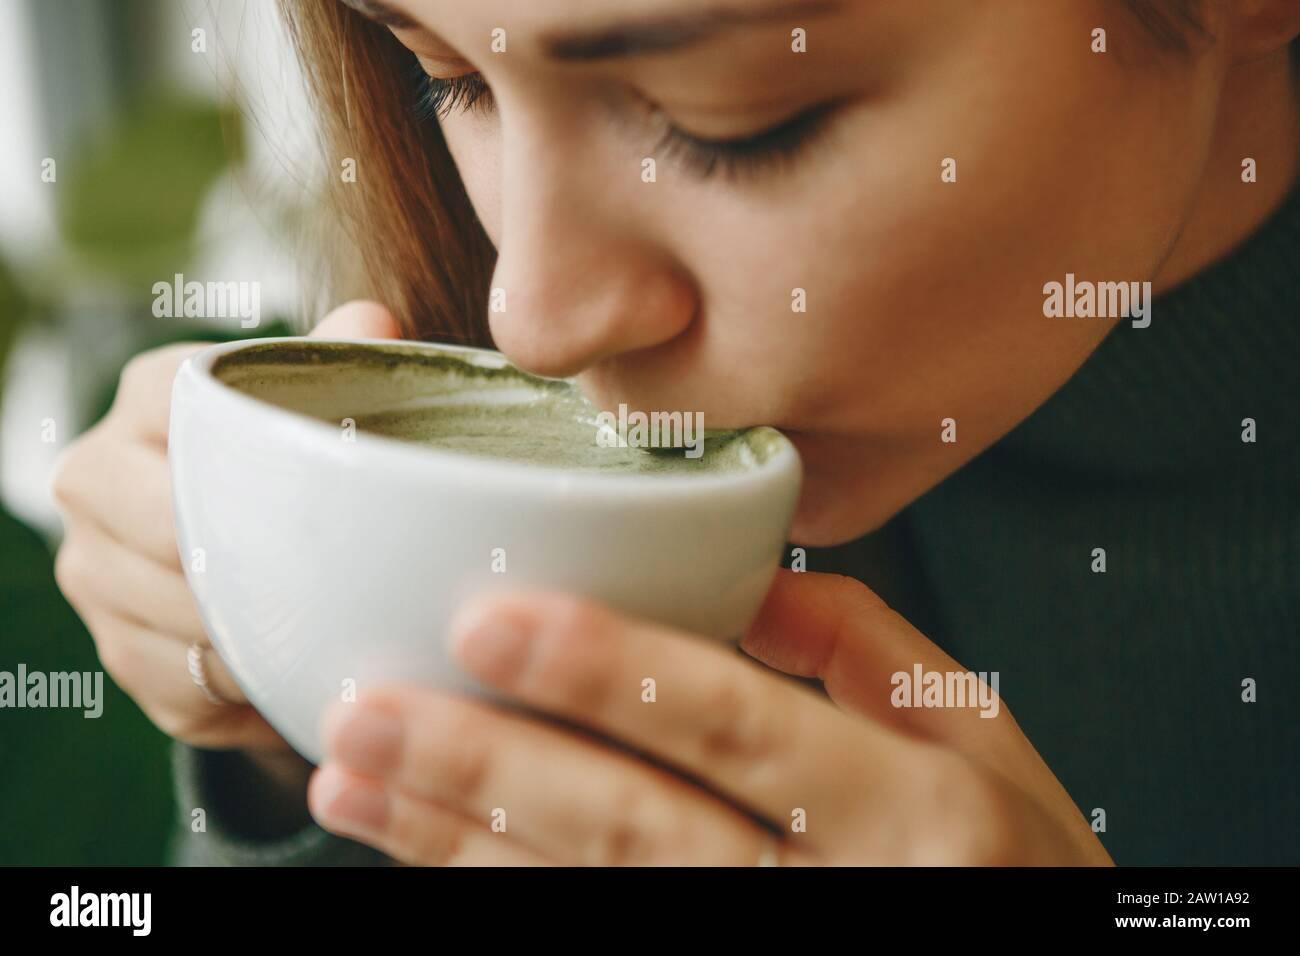 Close-up face ou portrait d'une fille qui boit sain et délicieux thé vert matcha latte Banque D'Images